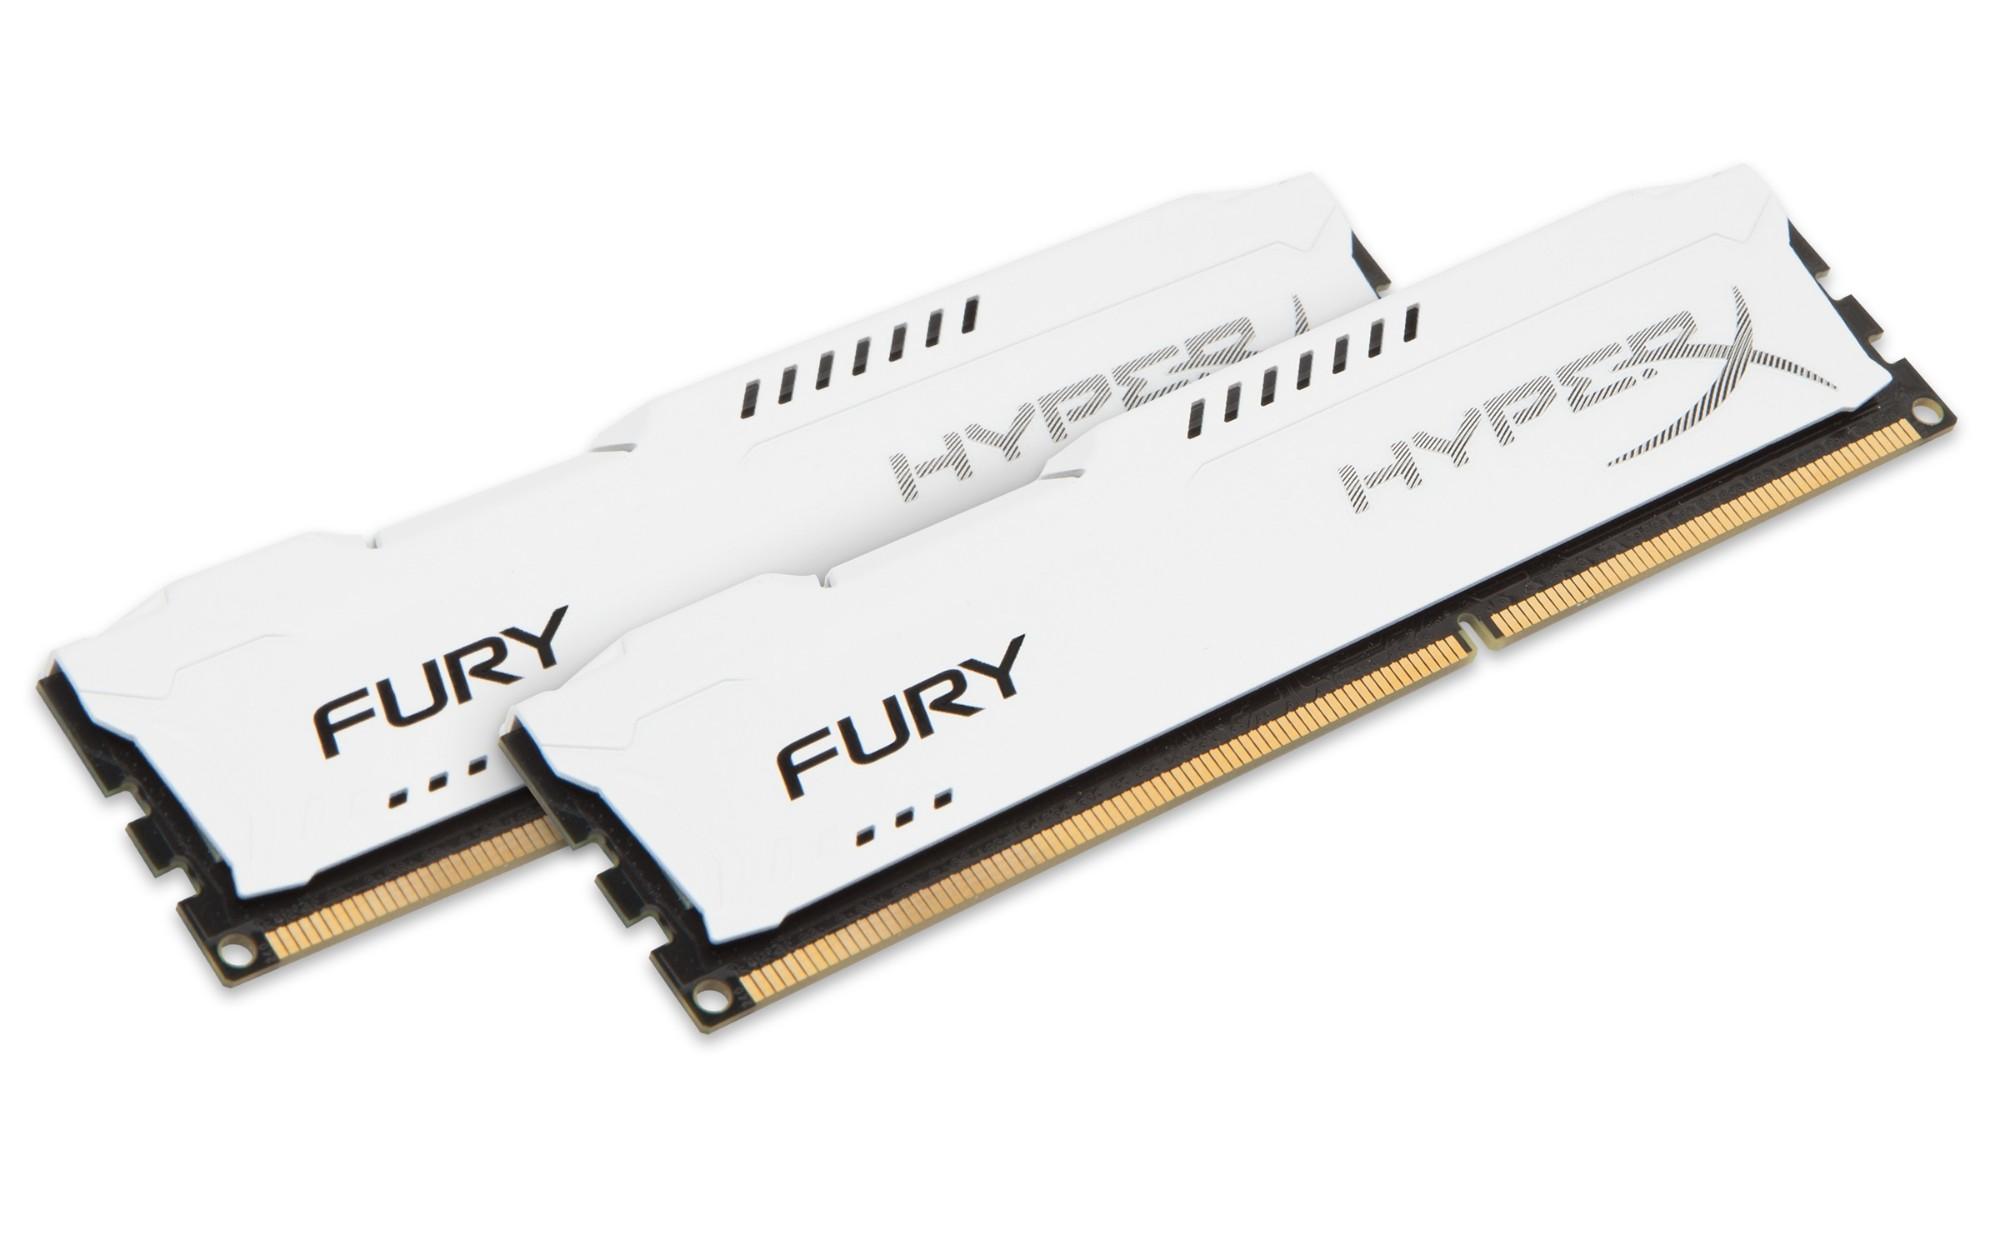 HyperX FURY White 8GB 1866MHz DDR3 8GB DDR3 1866MHz memory module